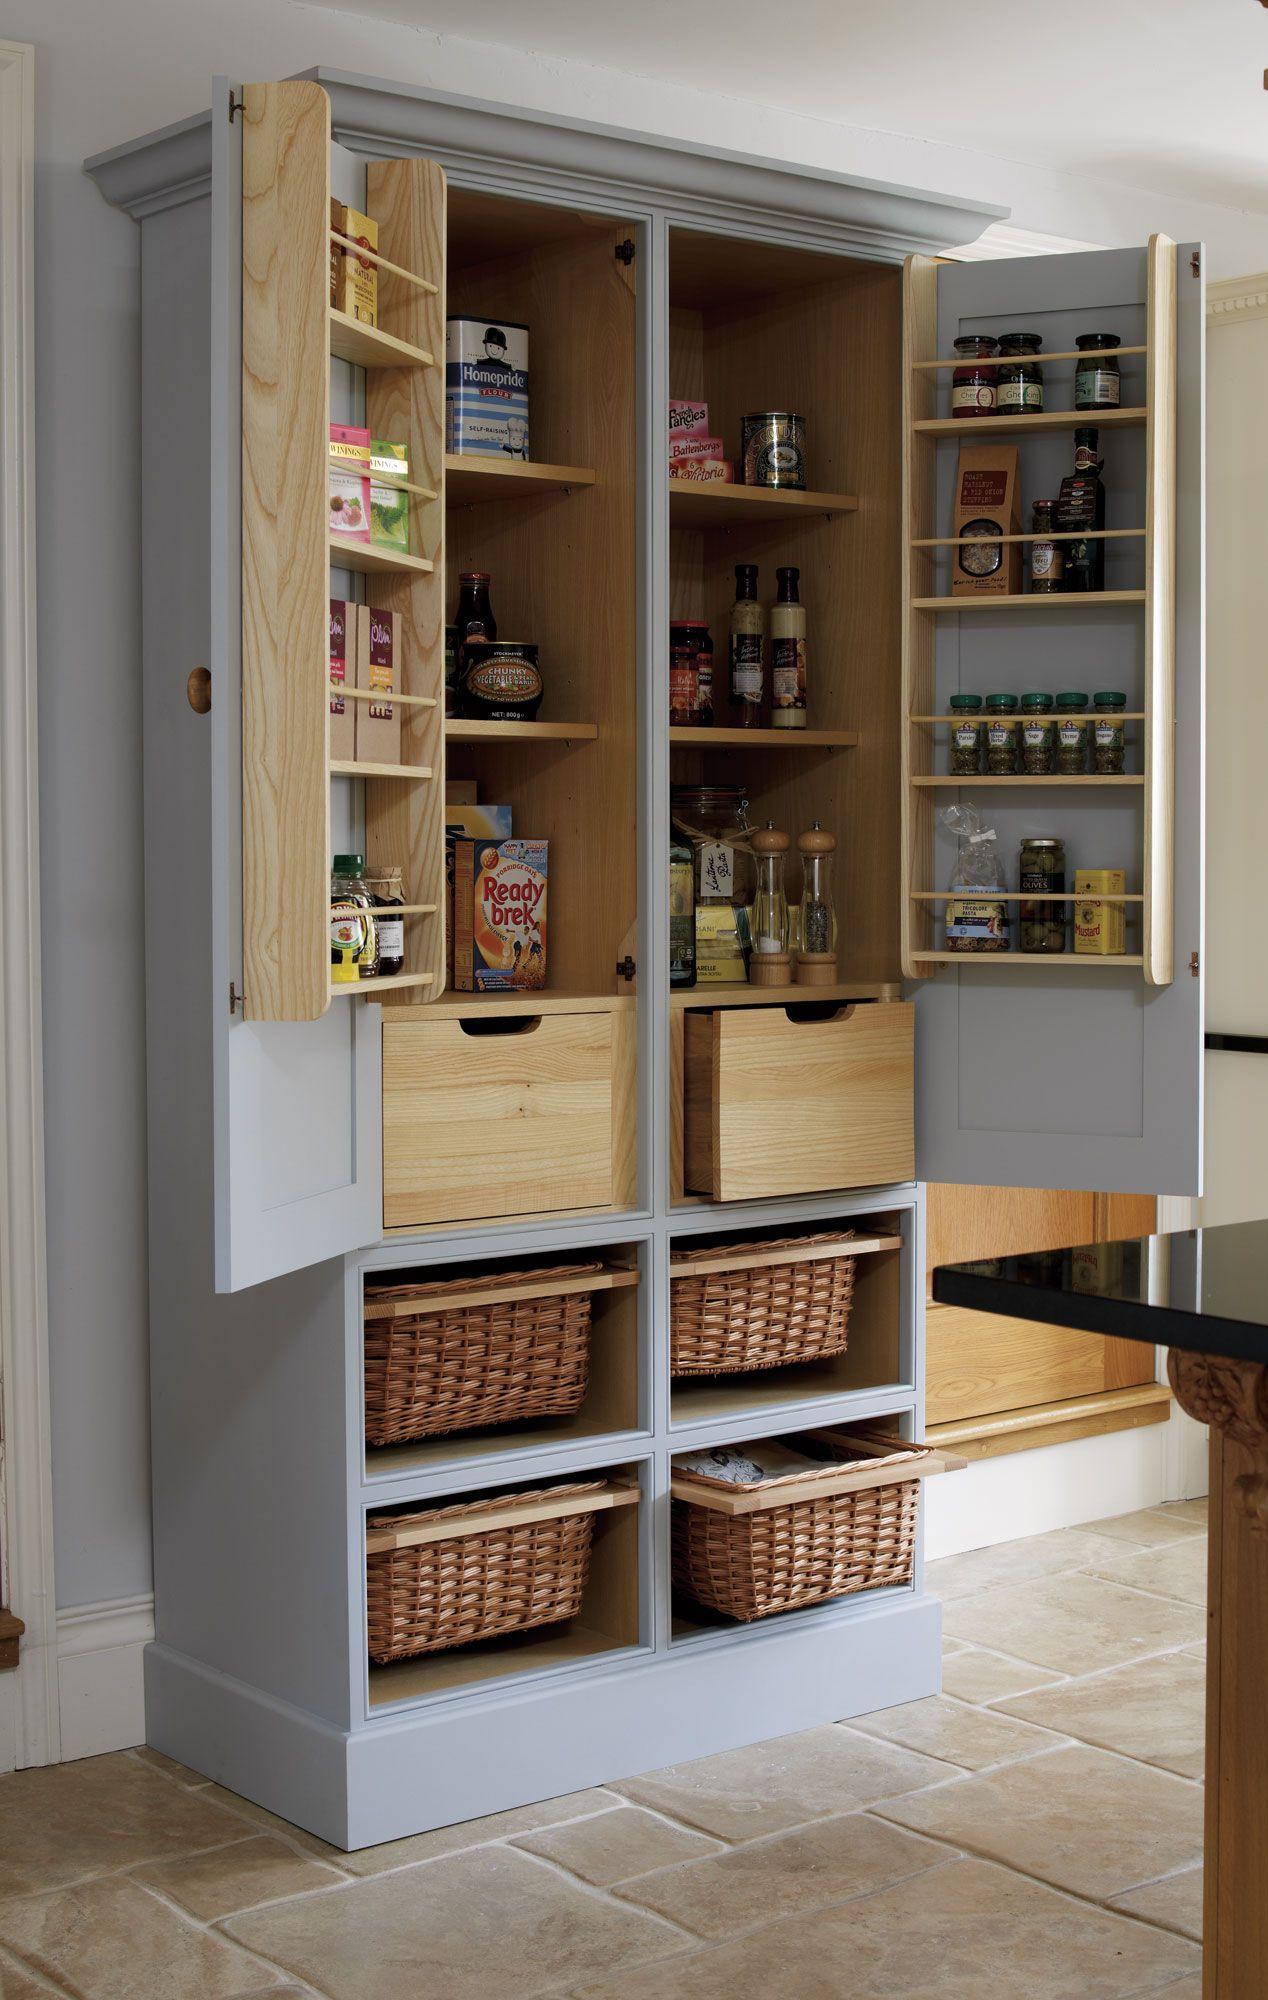 Full Size of Freistehende Küchen Kche Schrank Freistehend Küche Regal Wohnzimmer Freistehende Küchen